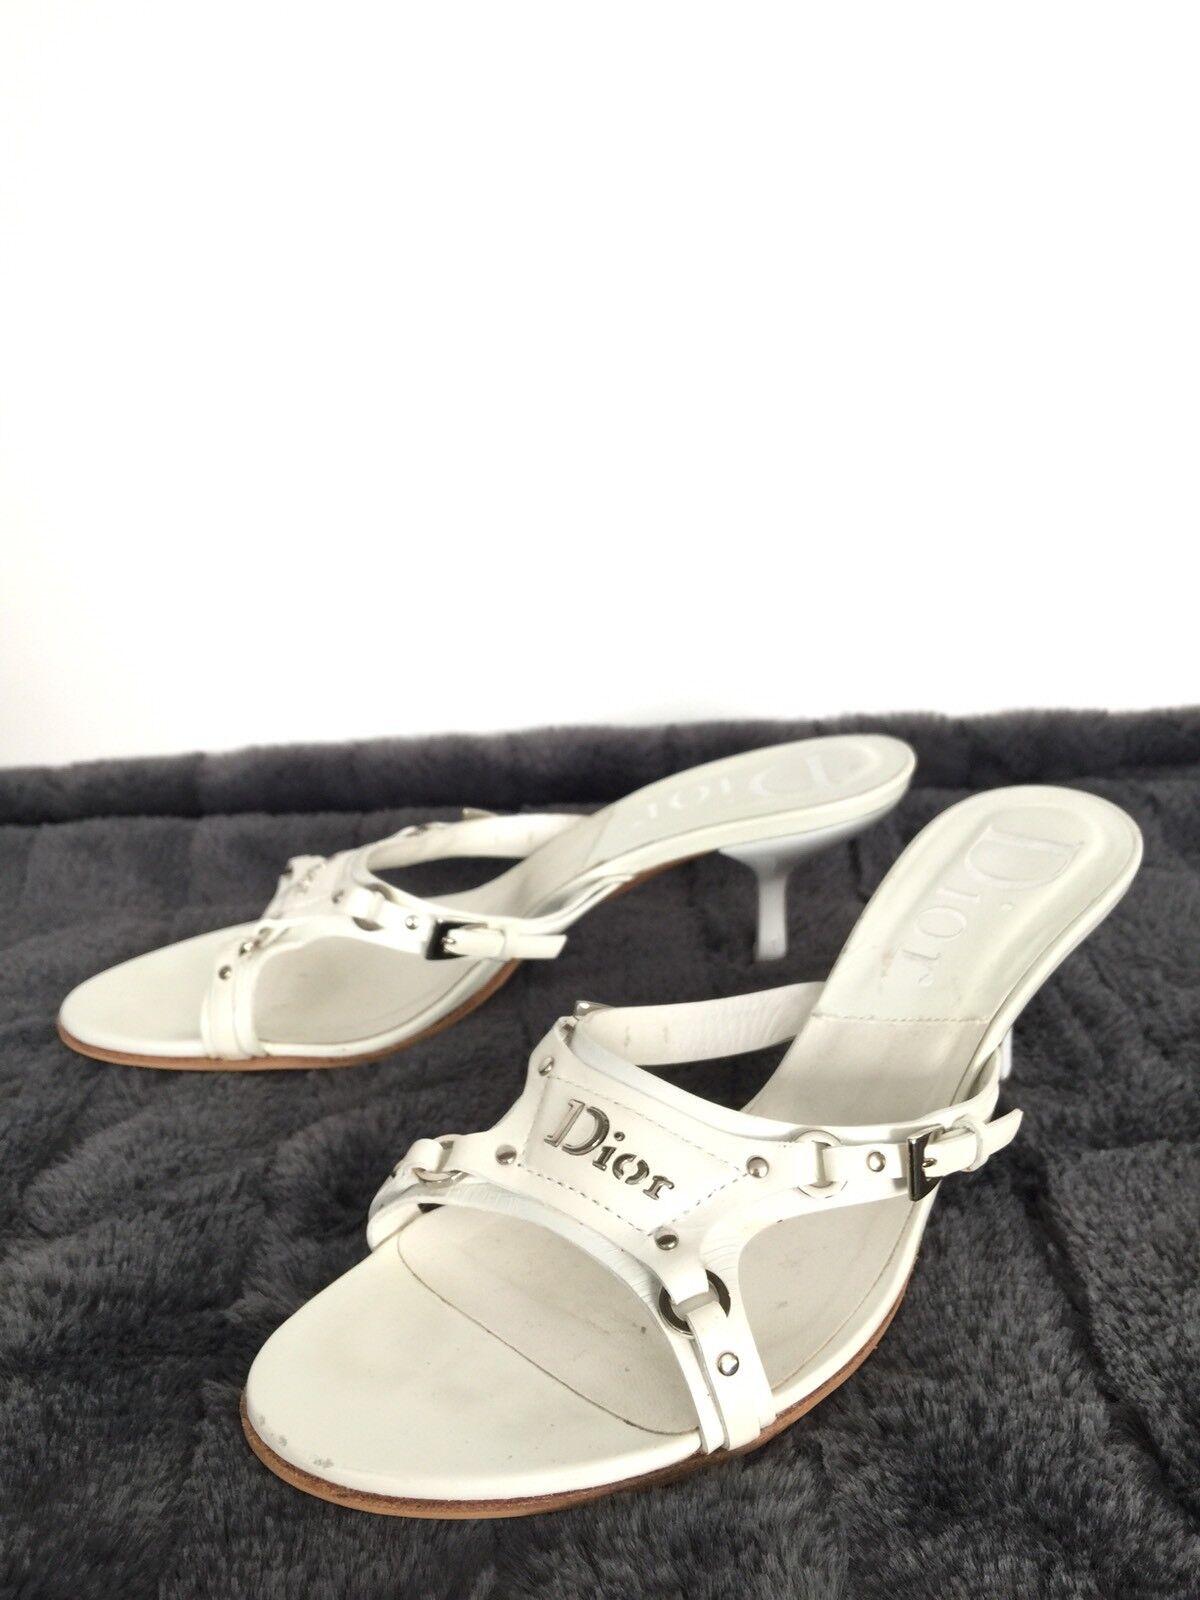 Autentico Christian Dior  bianca Leather Slip On Sandals scarpe Heels, Dimensione 37, 7  profitto zero